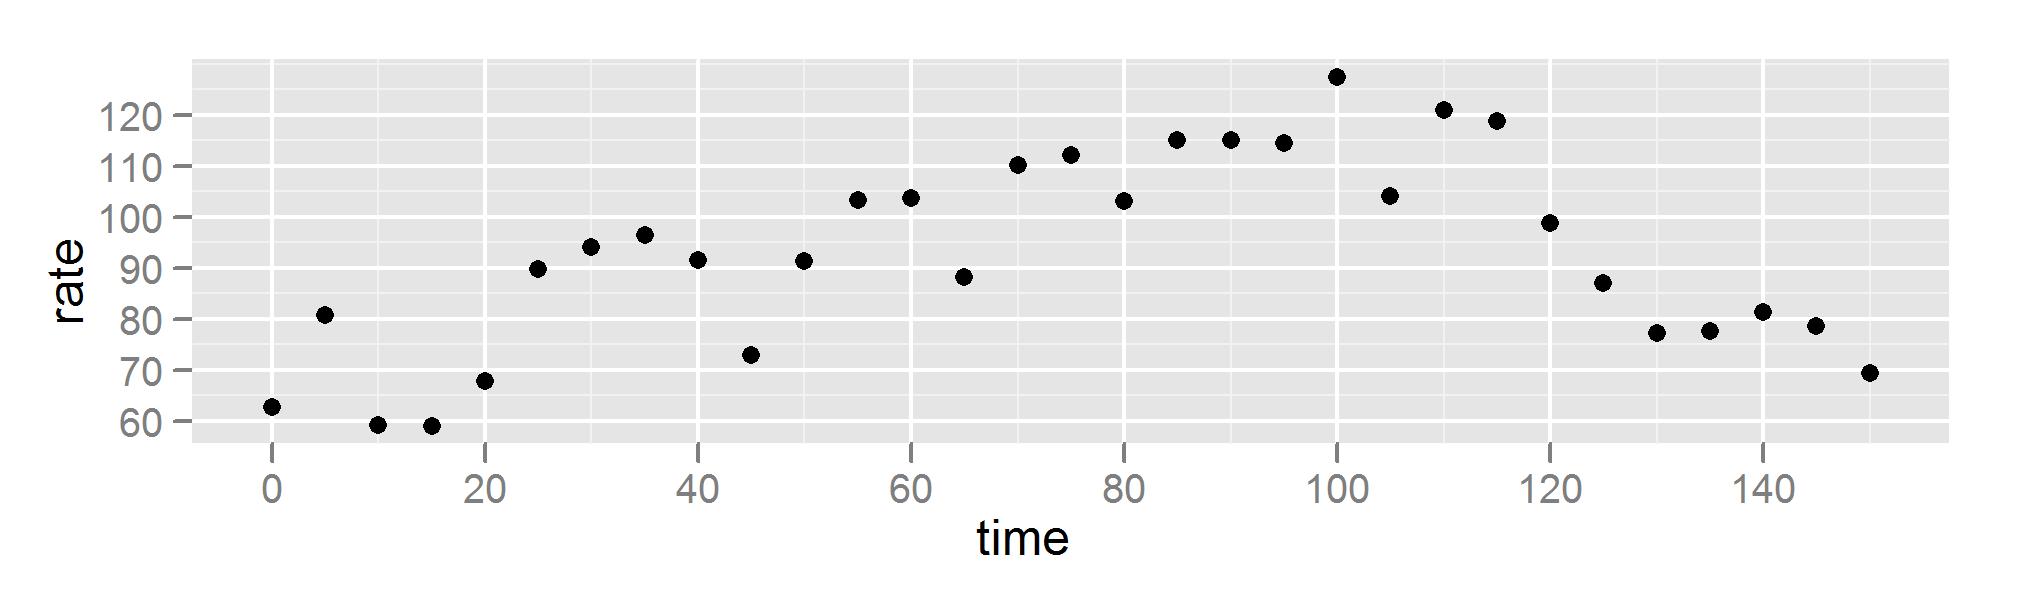 Scatter plot of heart rate data